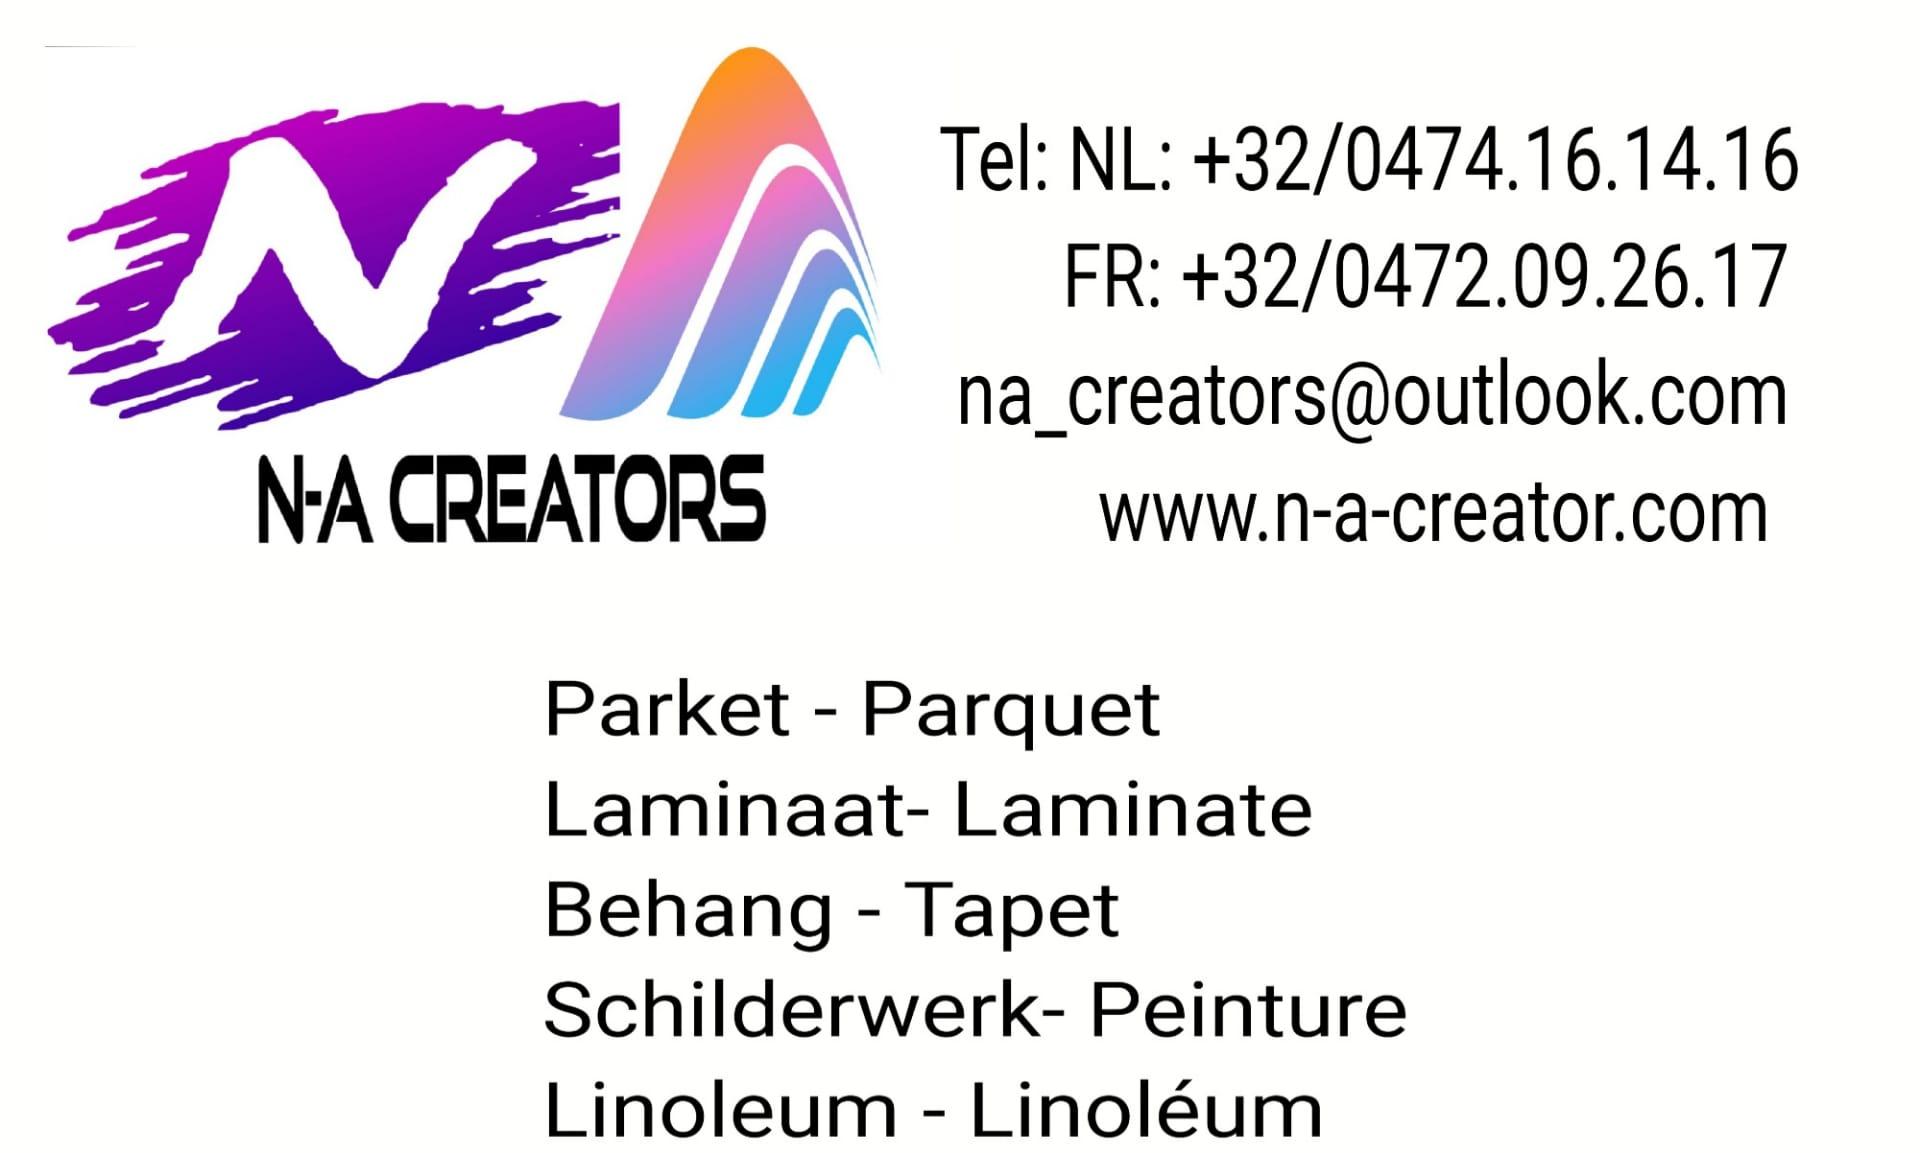 N-A CREATOR